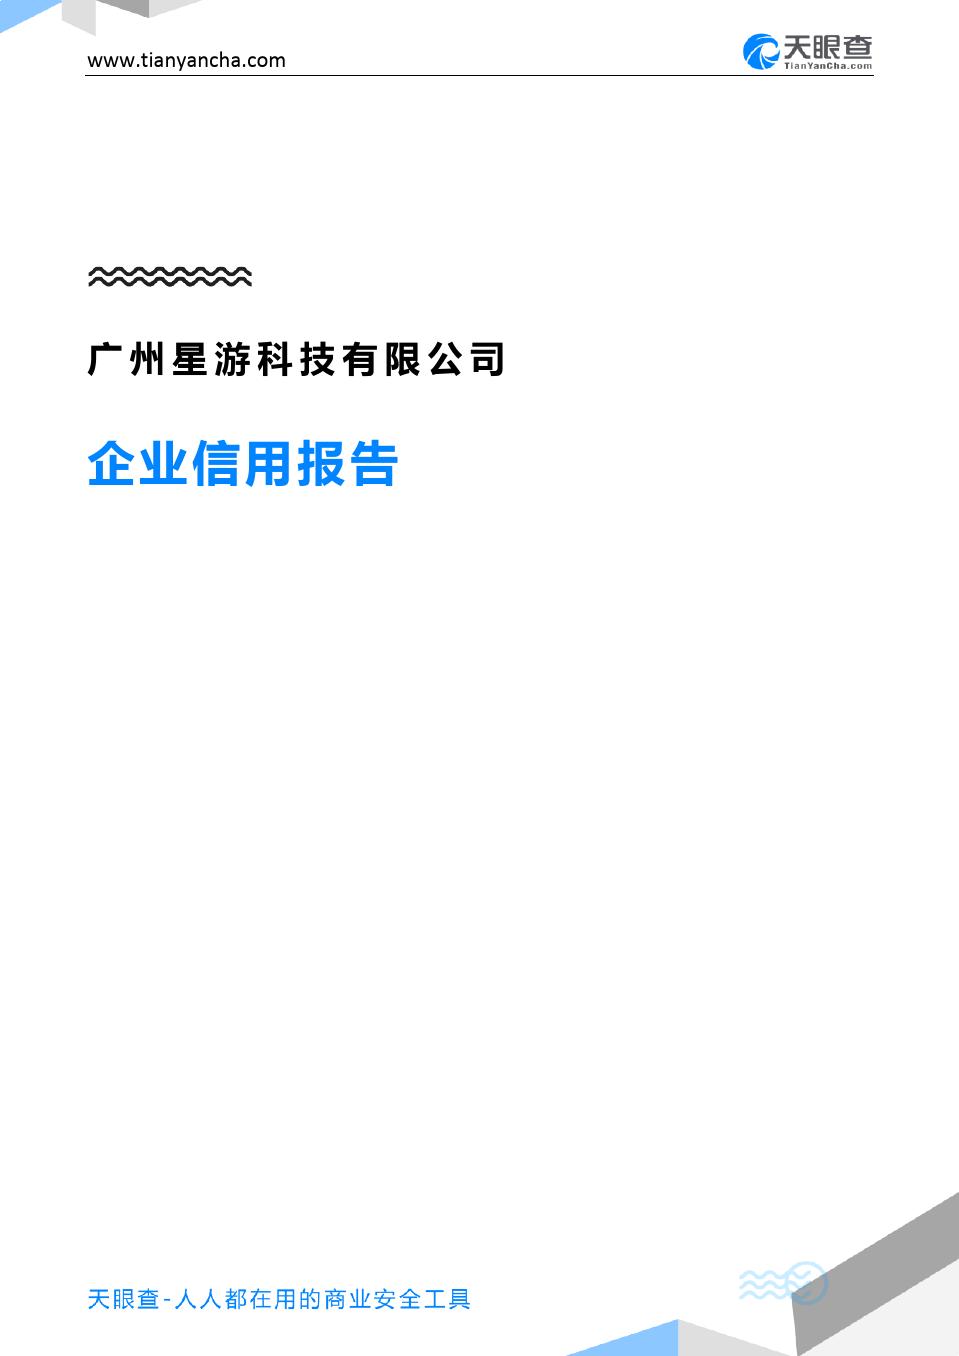 广州星游科技有限公司(企业信用报告)- 天眼查